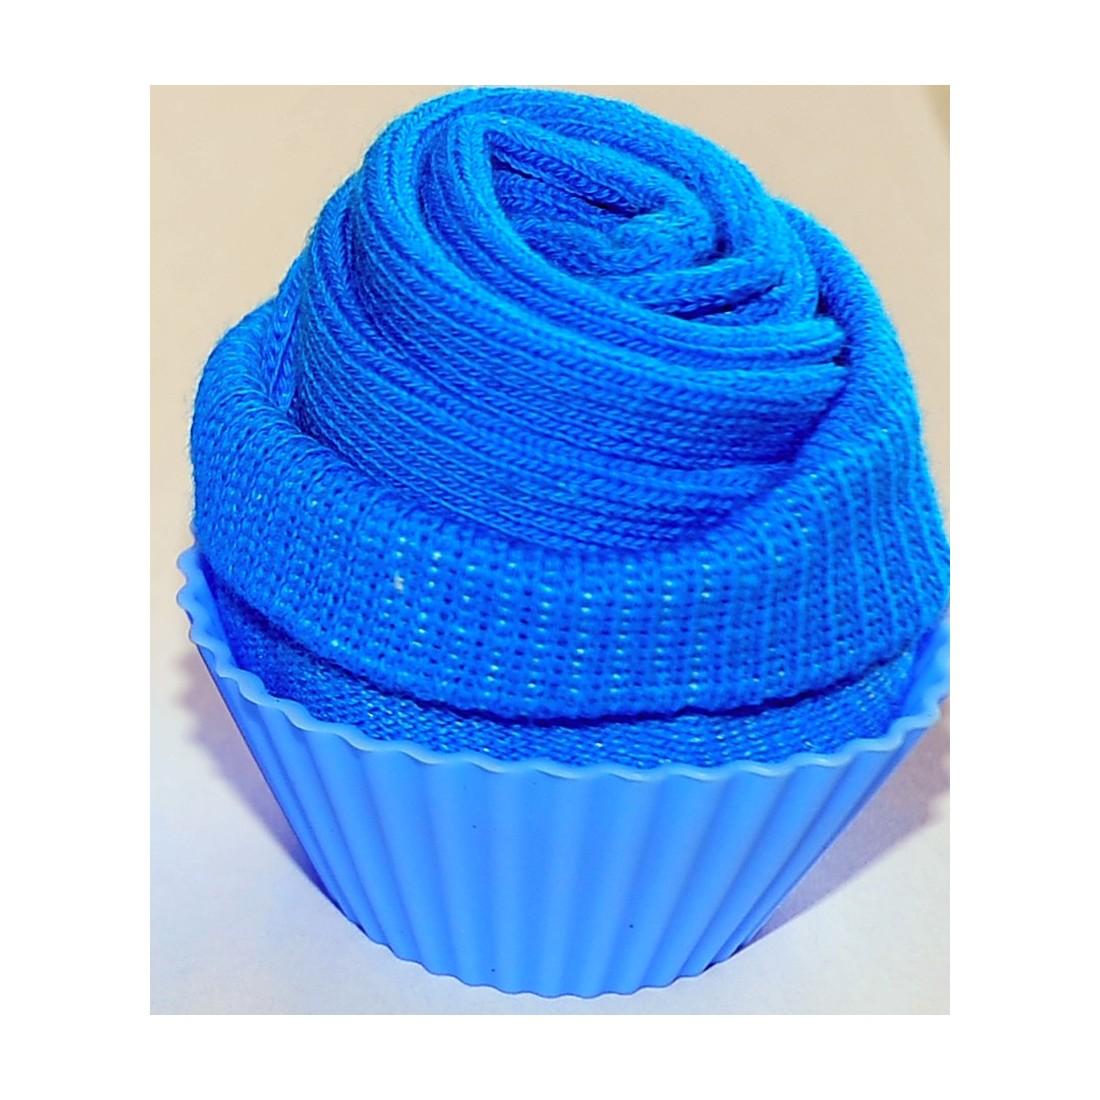 cadeau nouveau n garcon des chaussettes pour b b gar on taille naissance. Black Bedroom Furniture Sets. Home Design Ideas